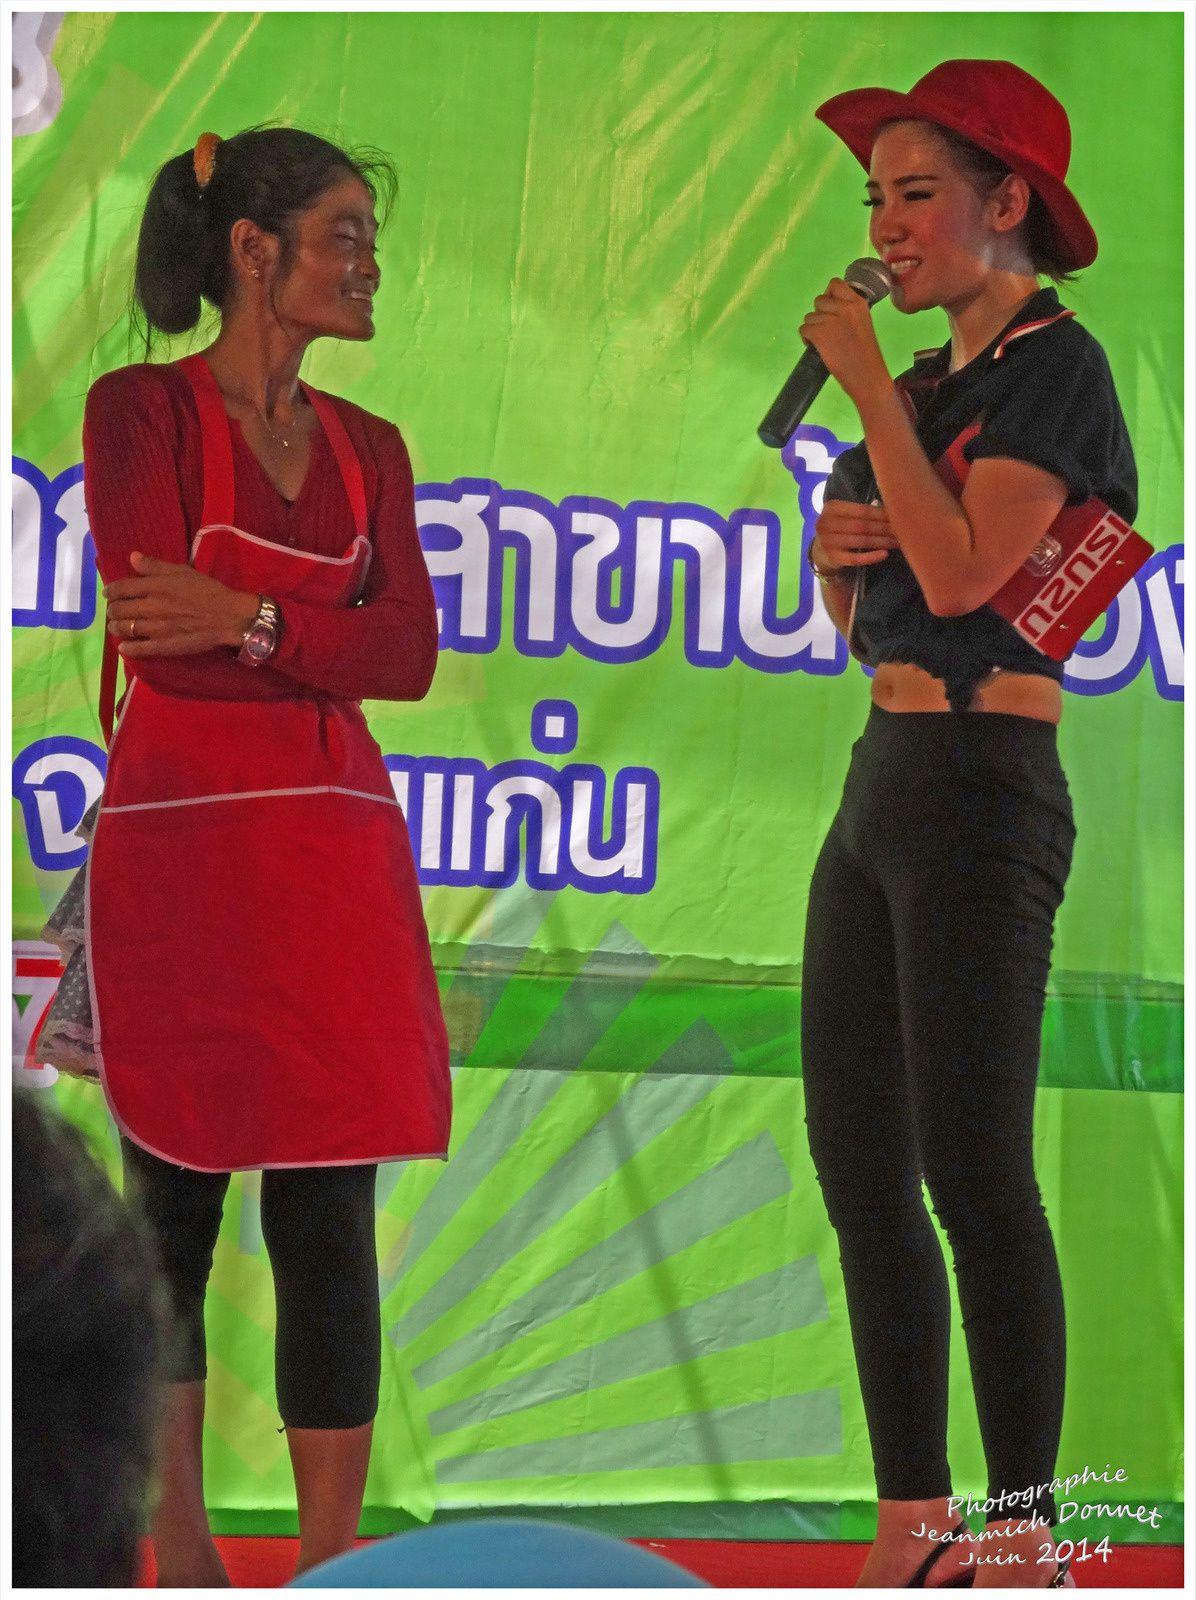 PUB façon club Med en Thailande